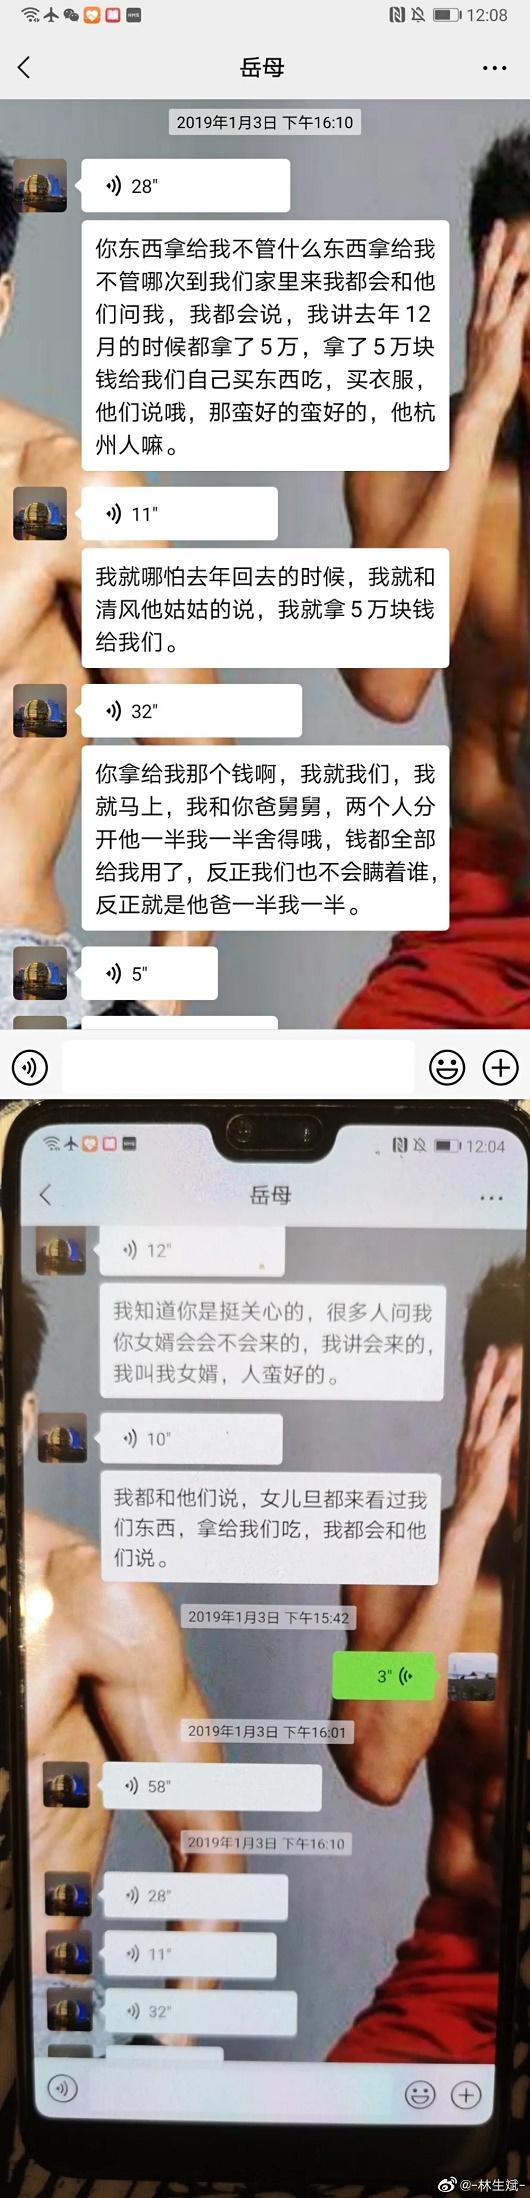 林生斌连发5条微博 以证清白